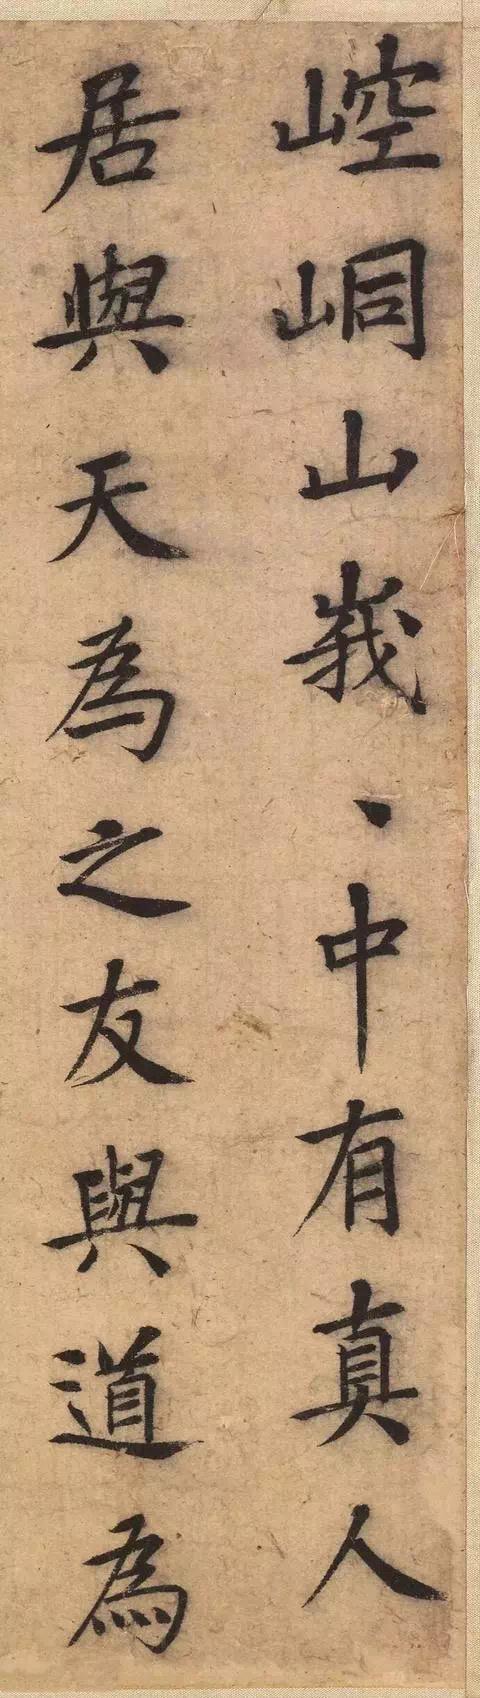 明代贾郁小楷《题跋崆峒问道图》,故宫博物院藏